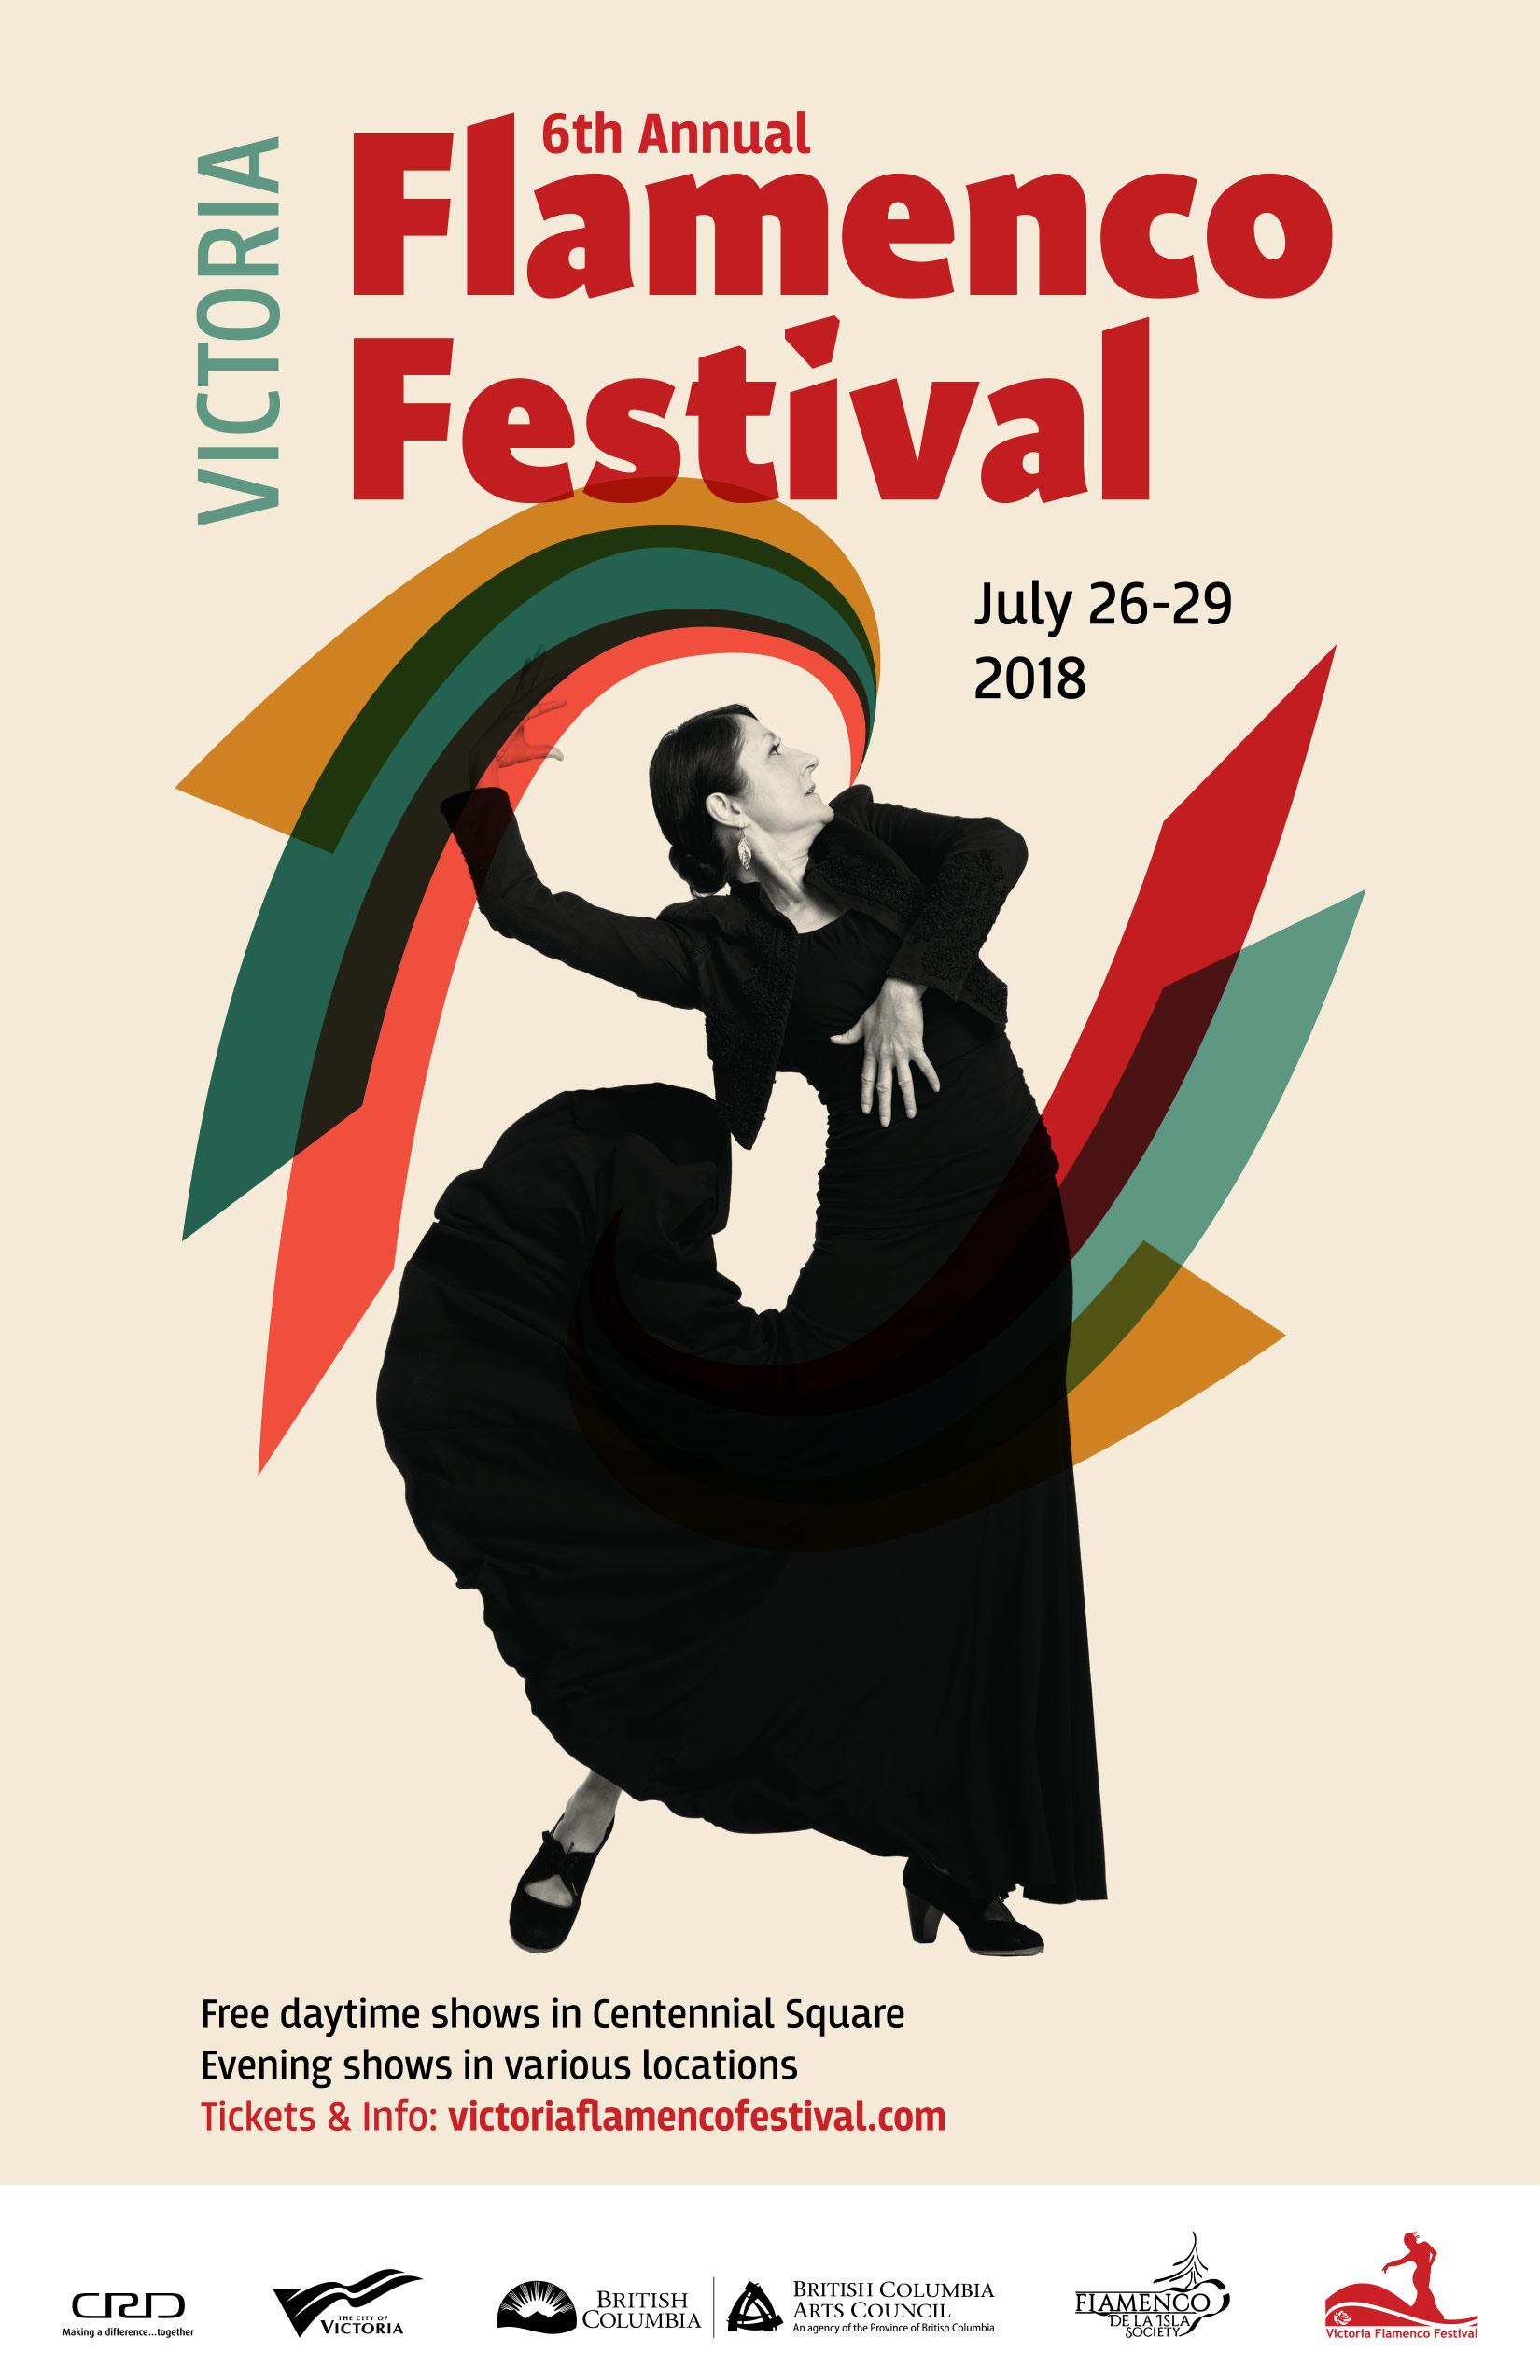 Flamenco_Festival_main